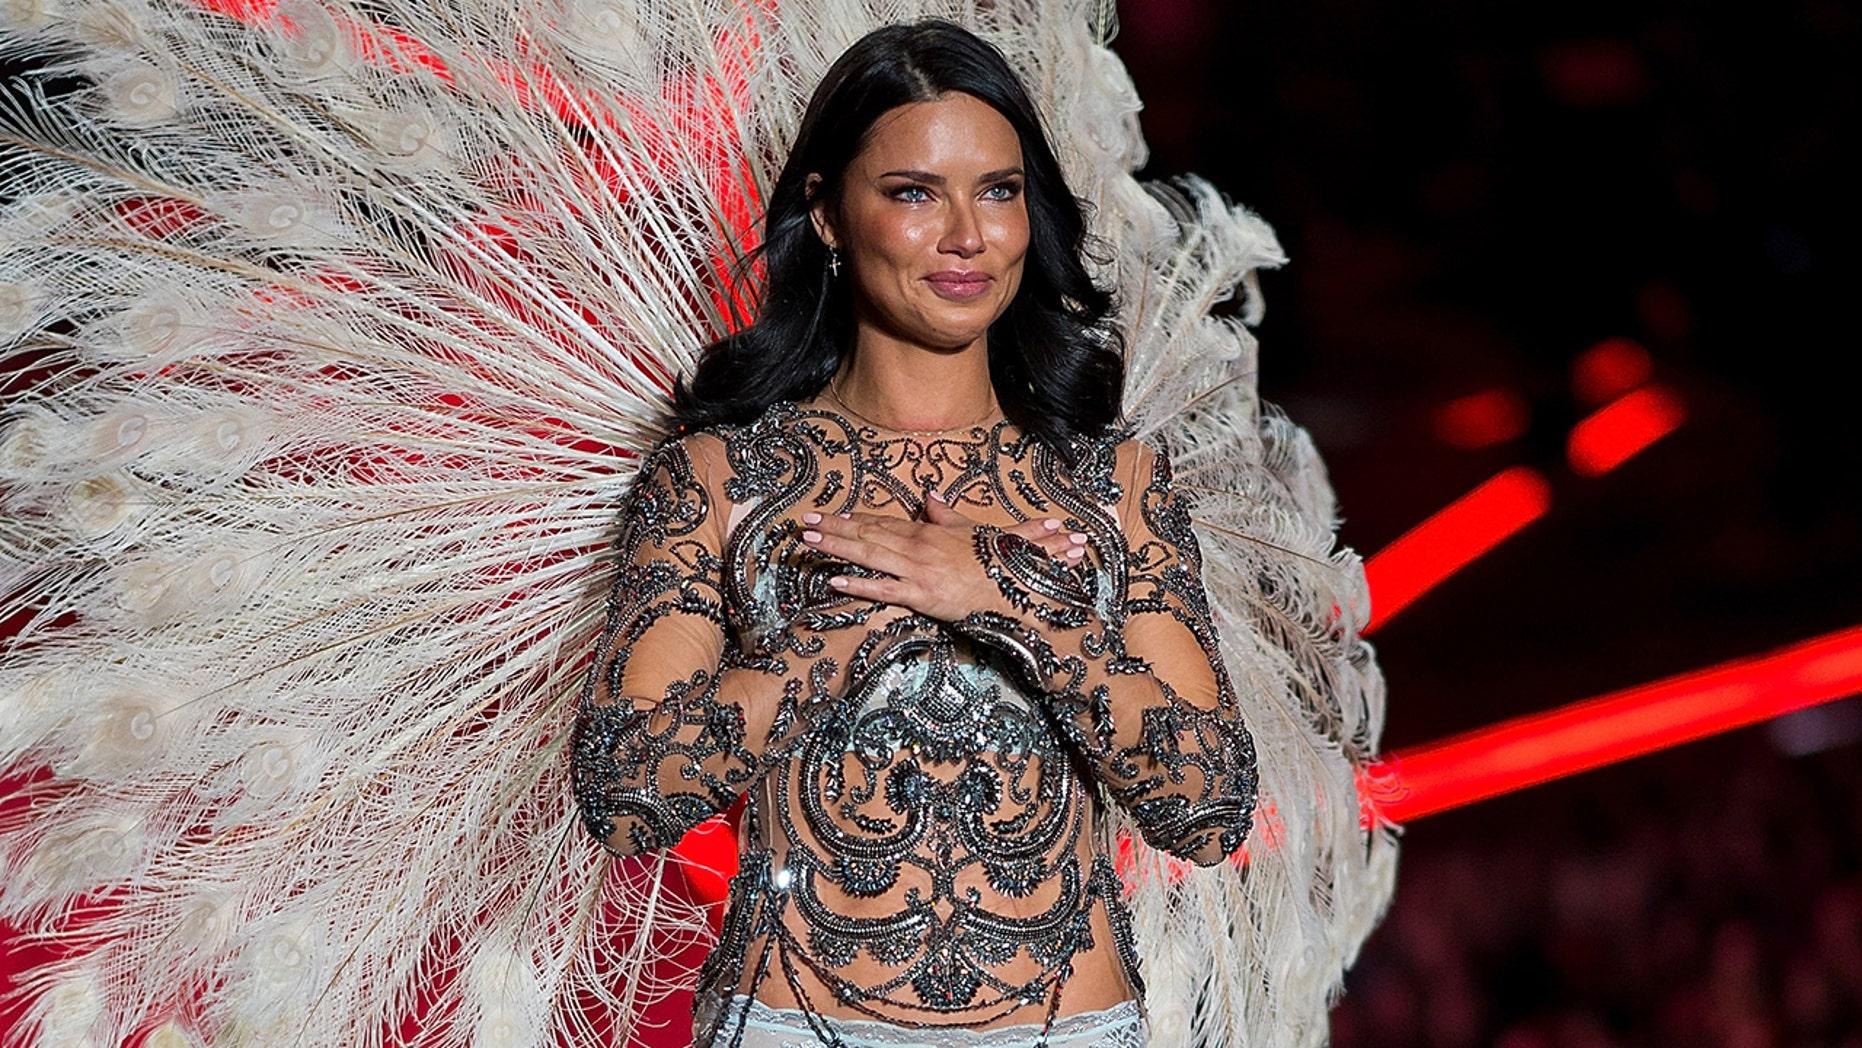 victorias secret fashion show adriana lima tears up - HD1862×1048